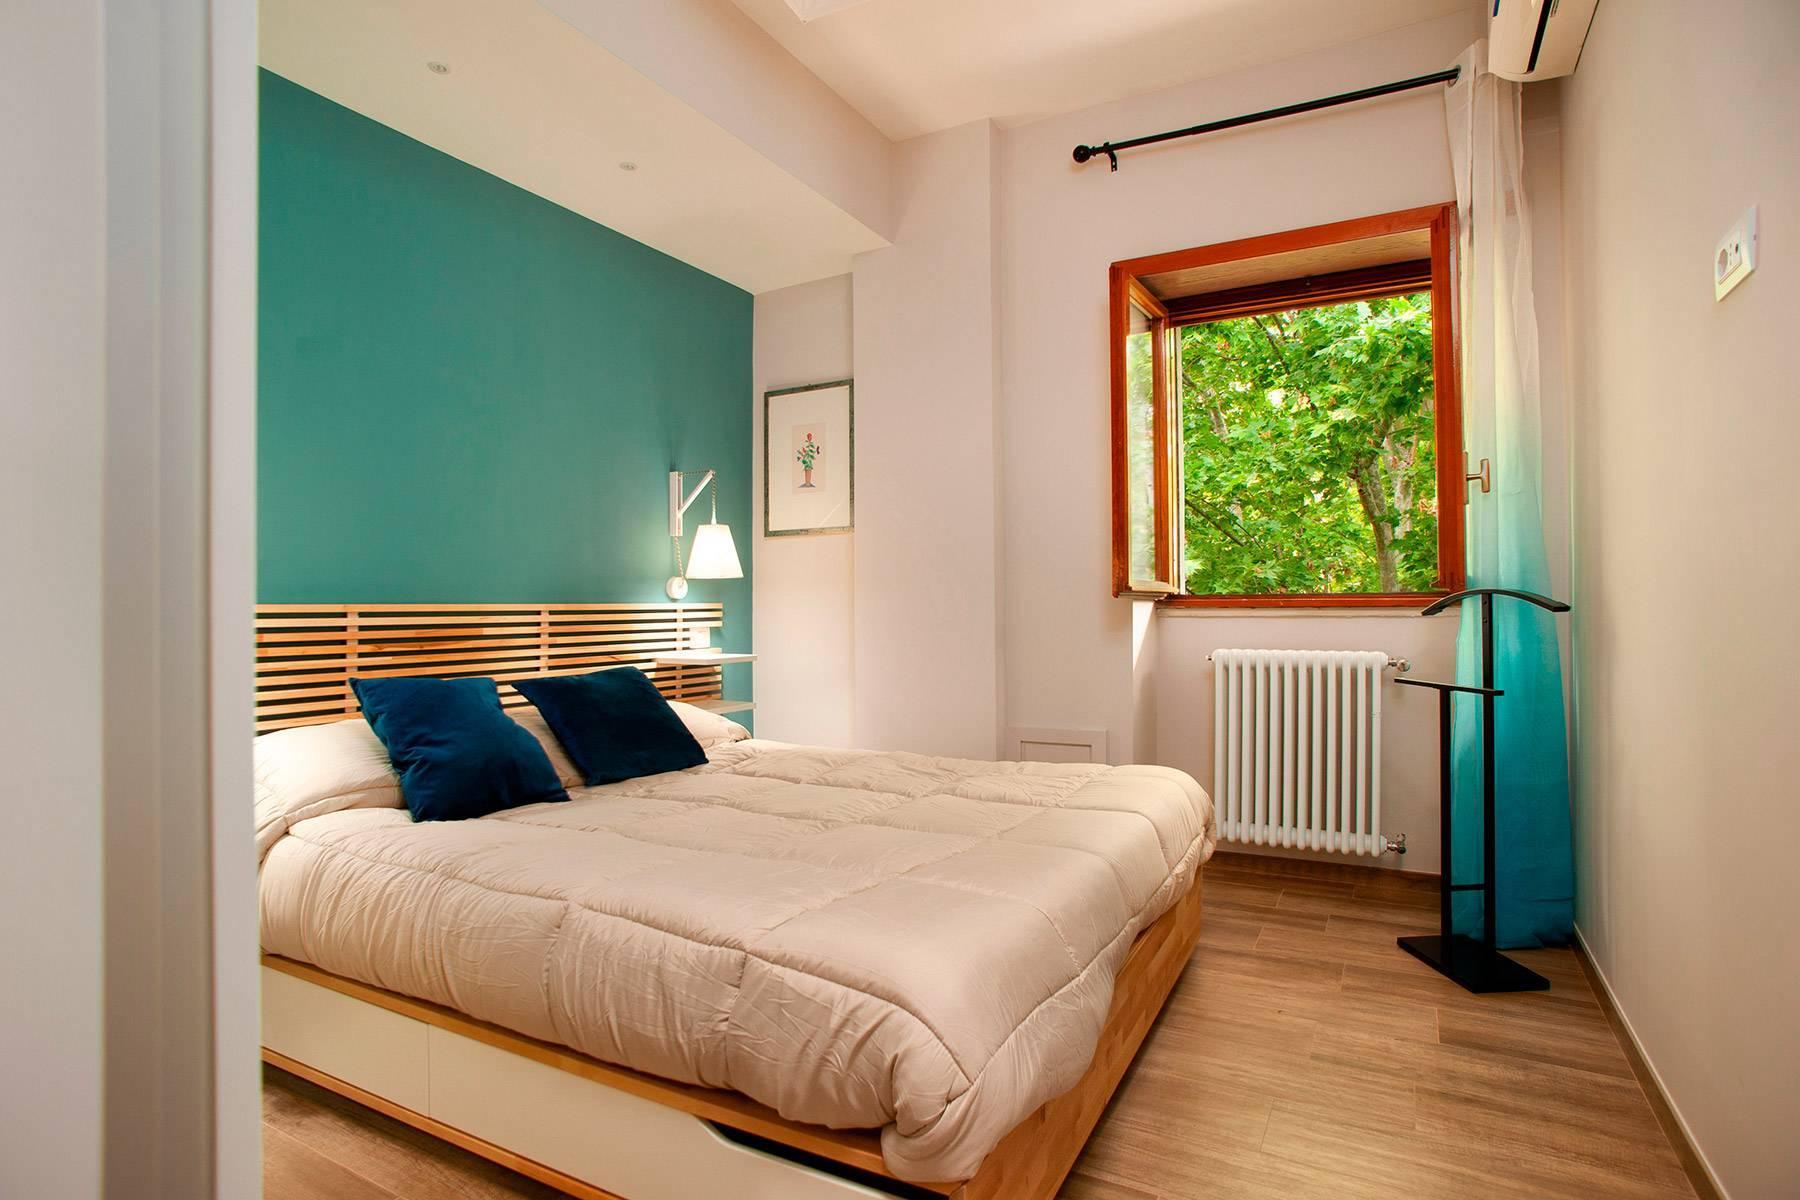 Design-Penthouse mit Panorama-Terrasse mitten im Grünen - 3